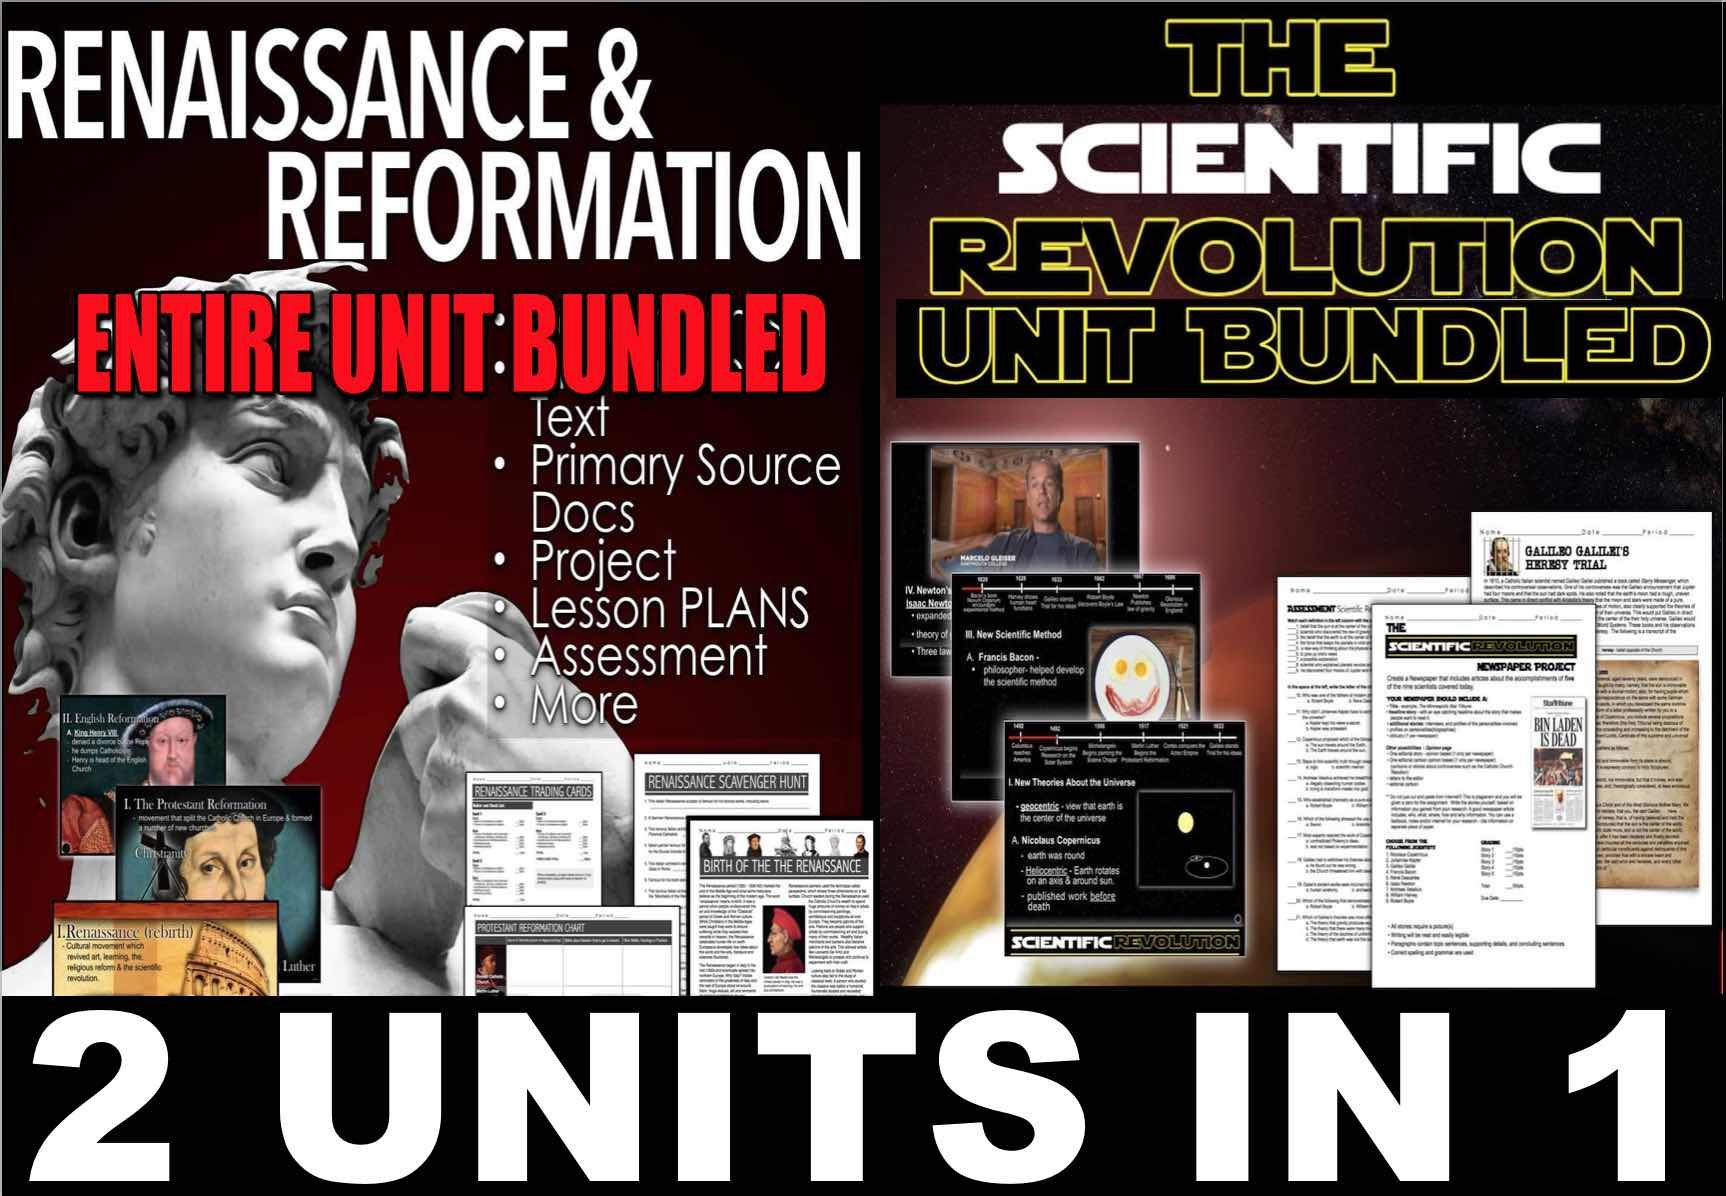 Renaissance Scientific Revolution Unit Bundled 2 Units In 1